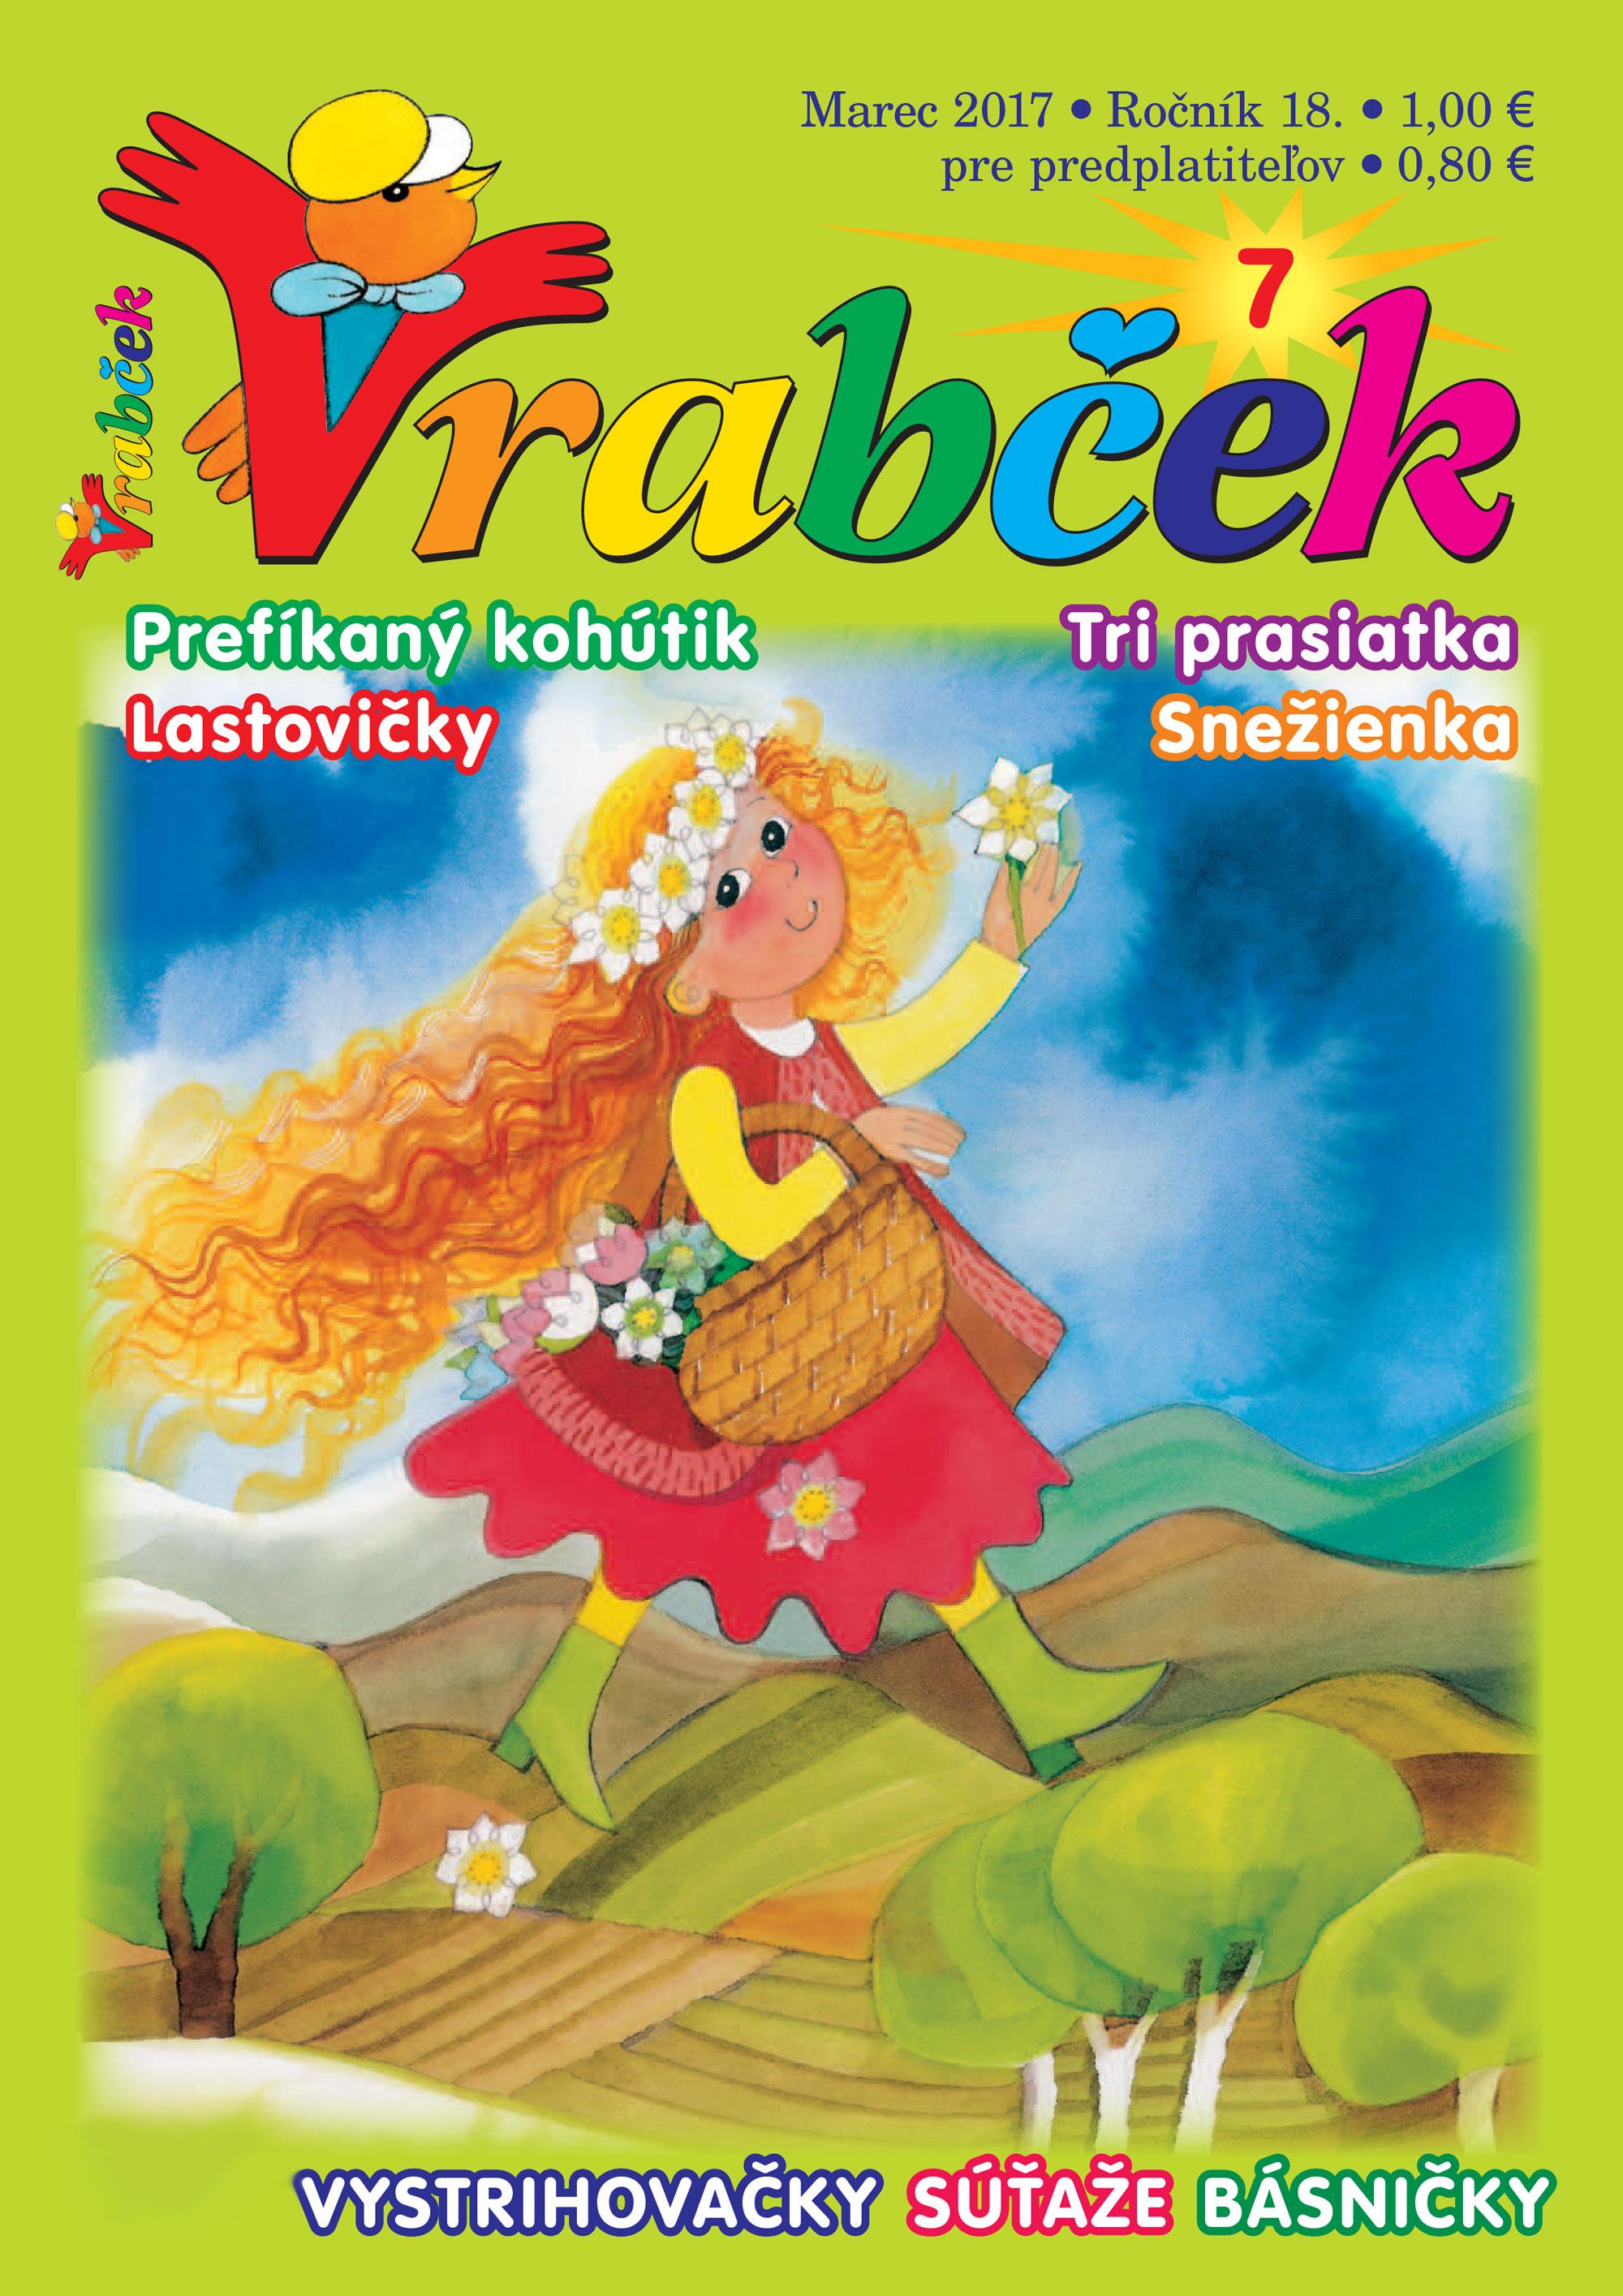 časopis Vrabček marec 2017 obálka